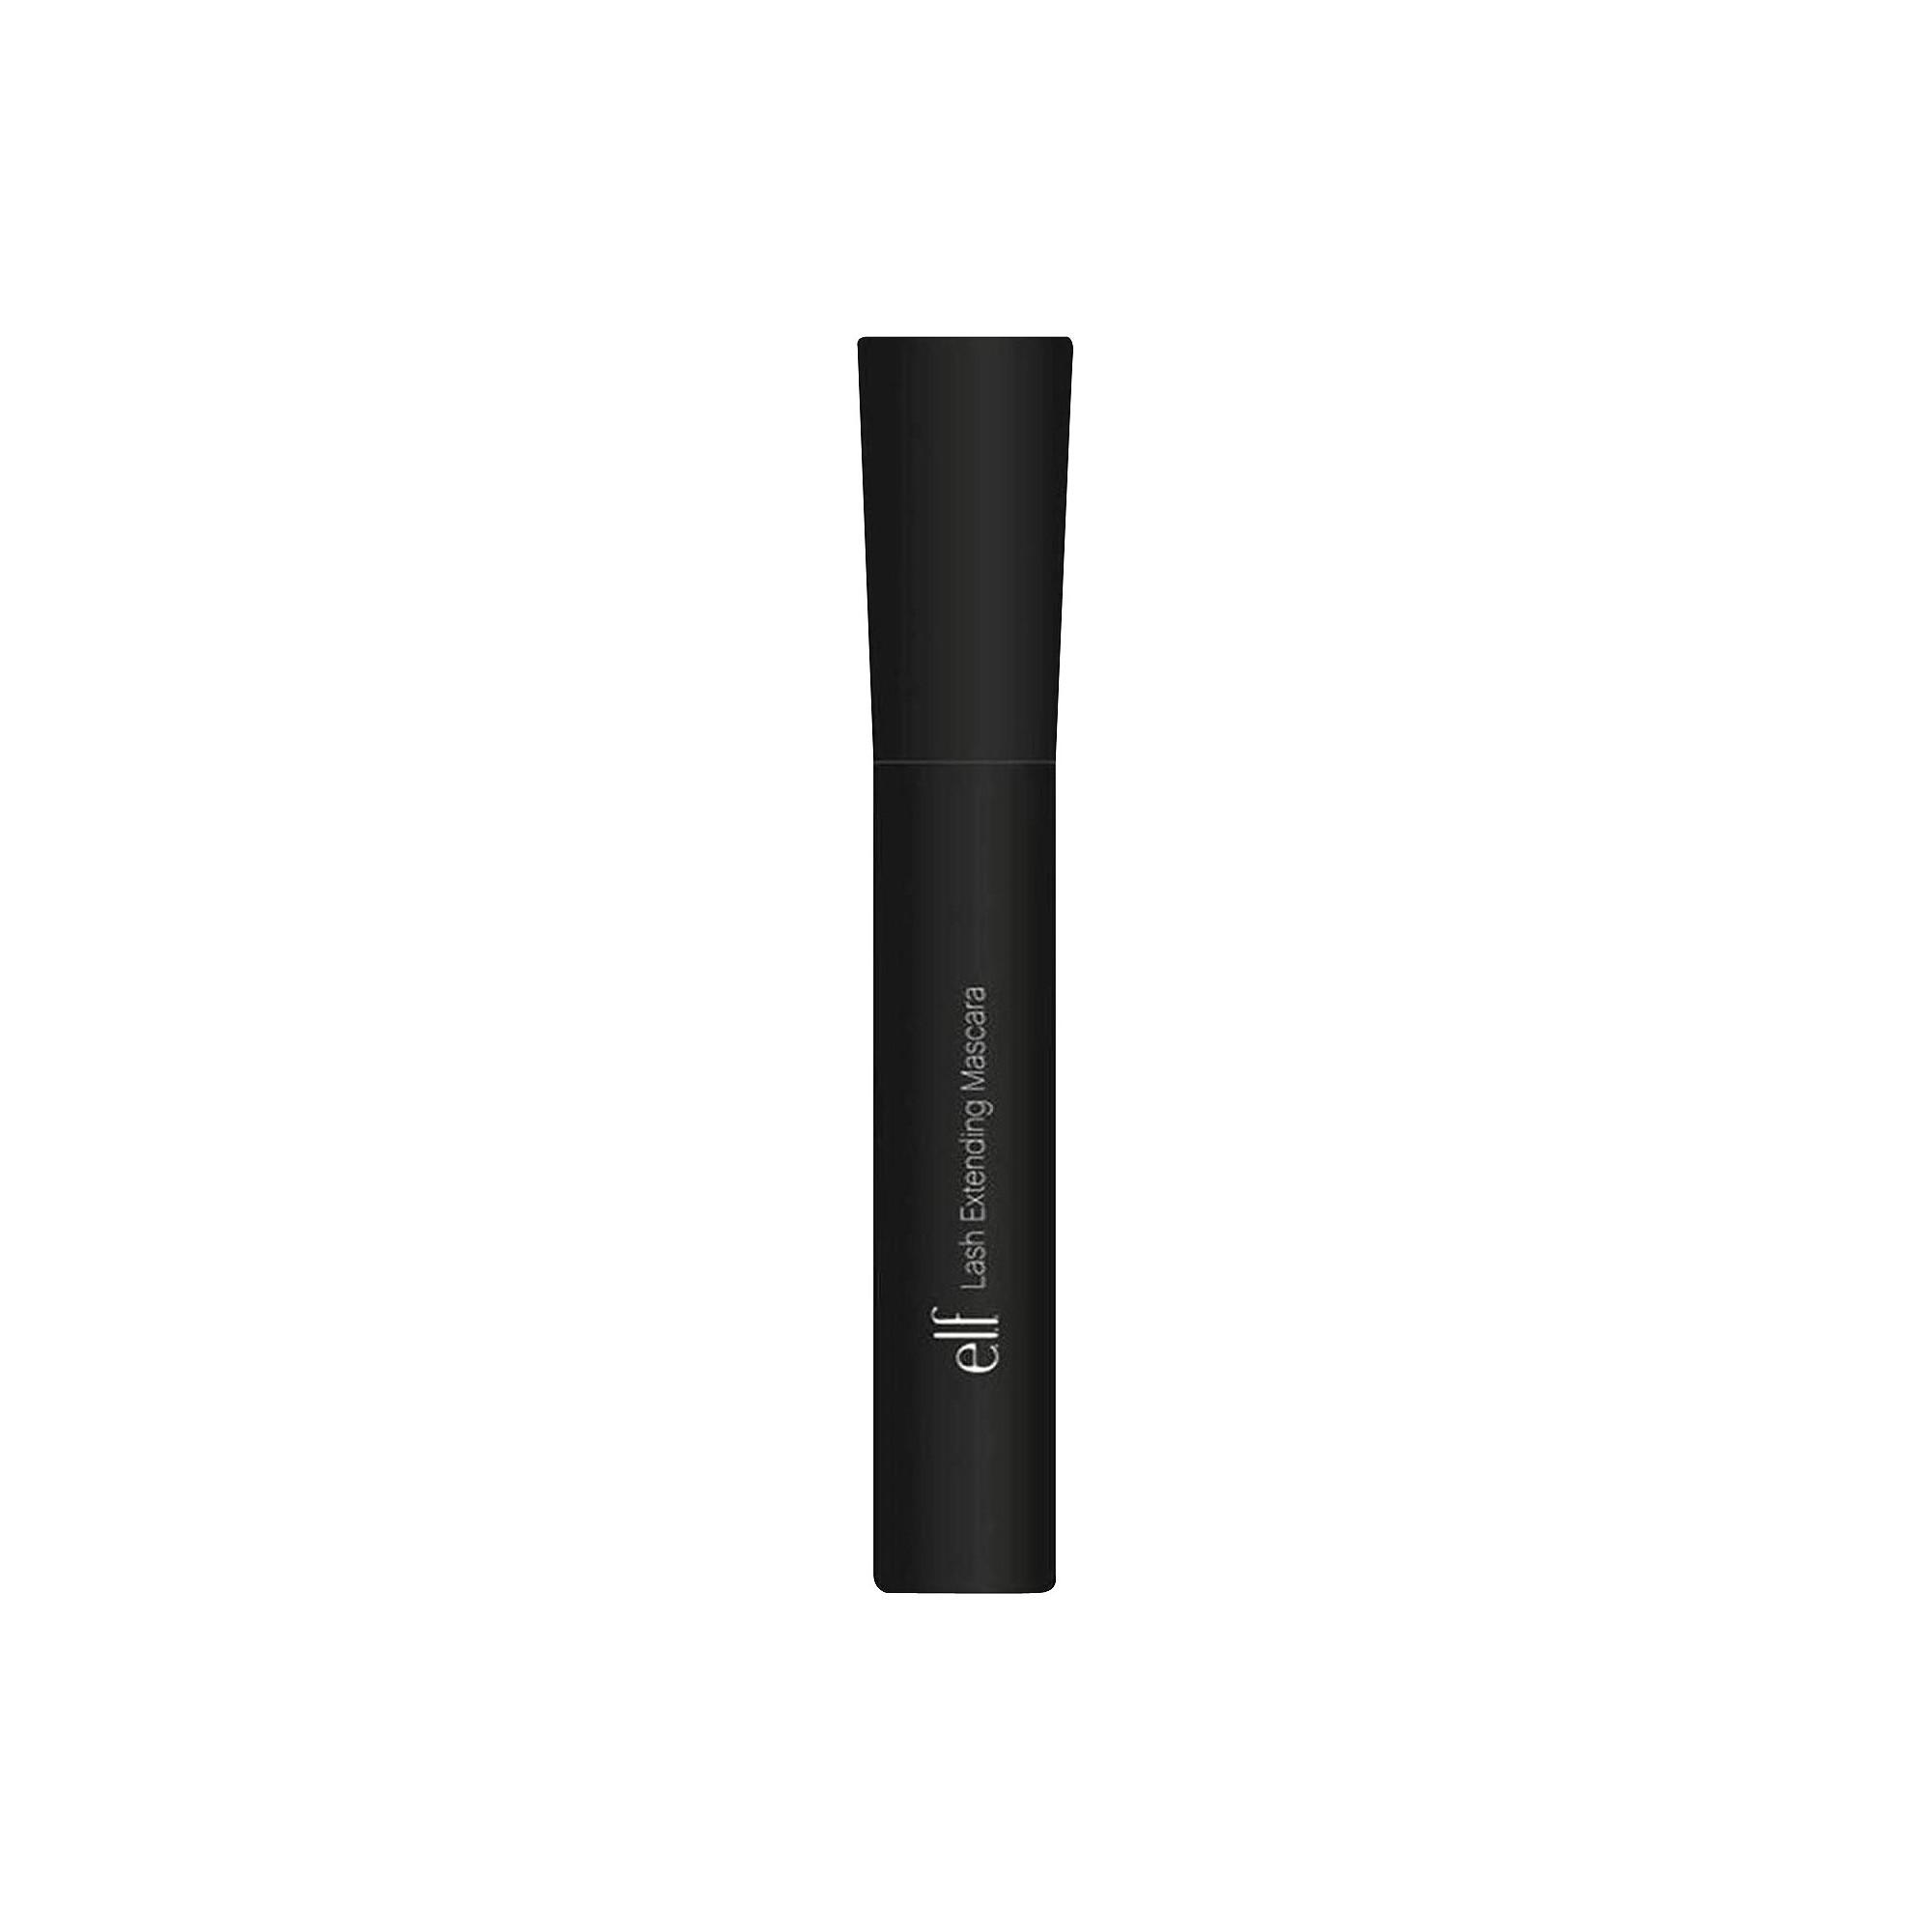 e.l.f. Lash Extending Mascara Black - .3 fl oz